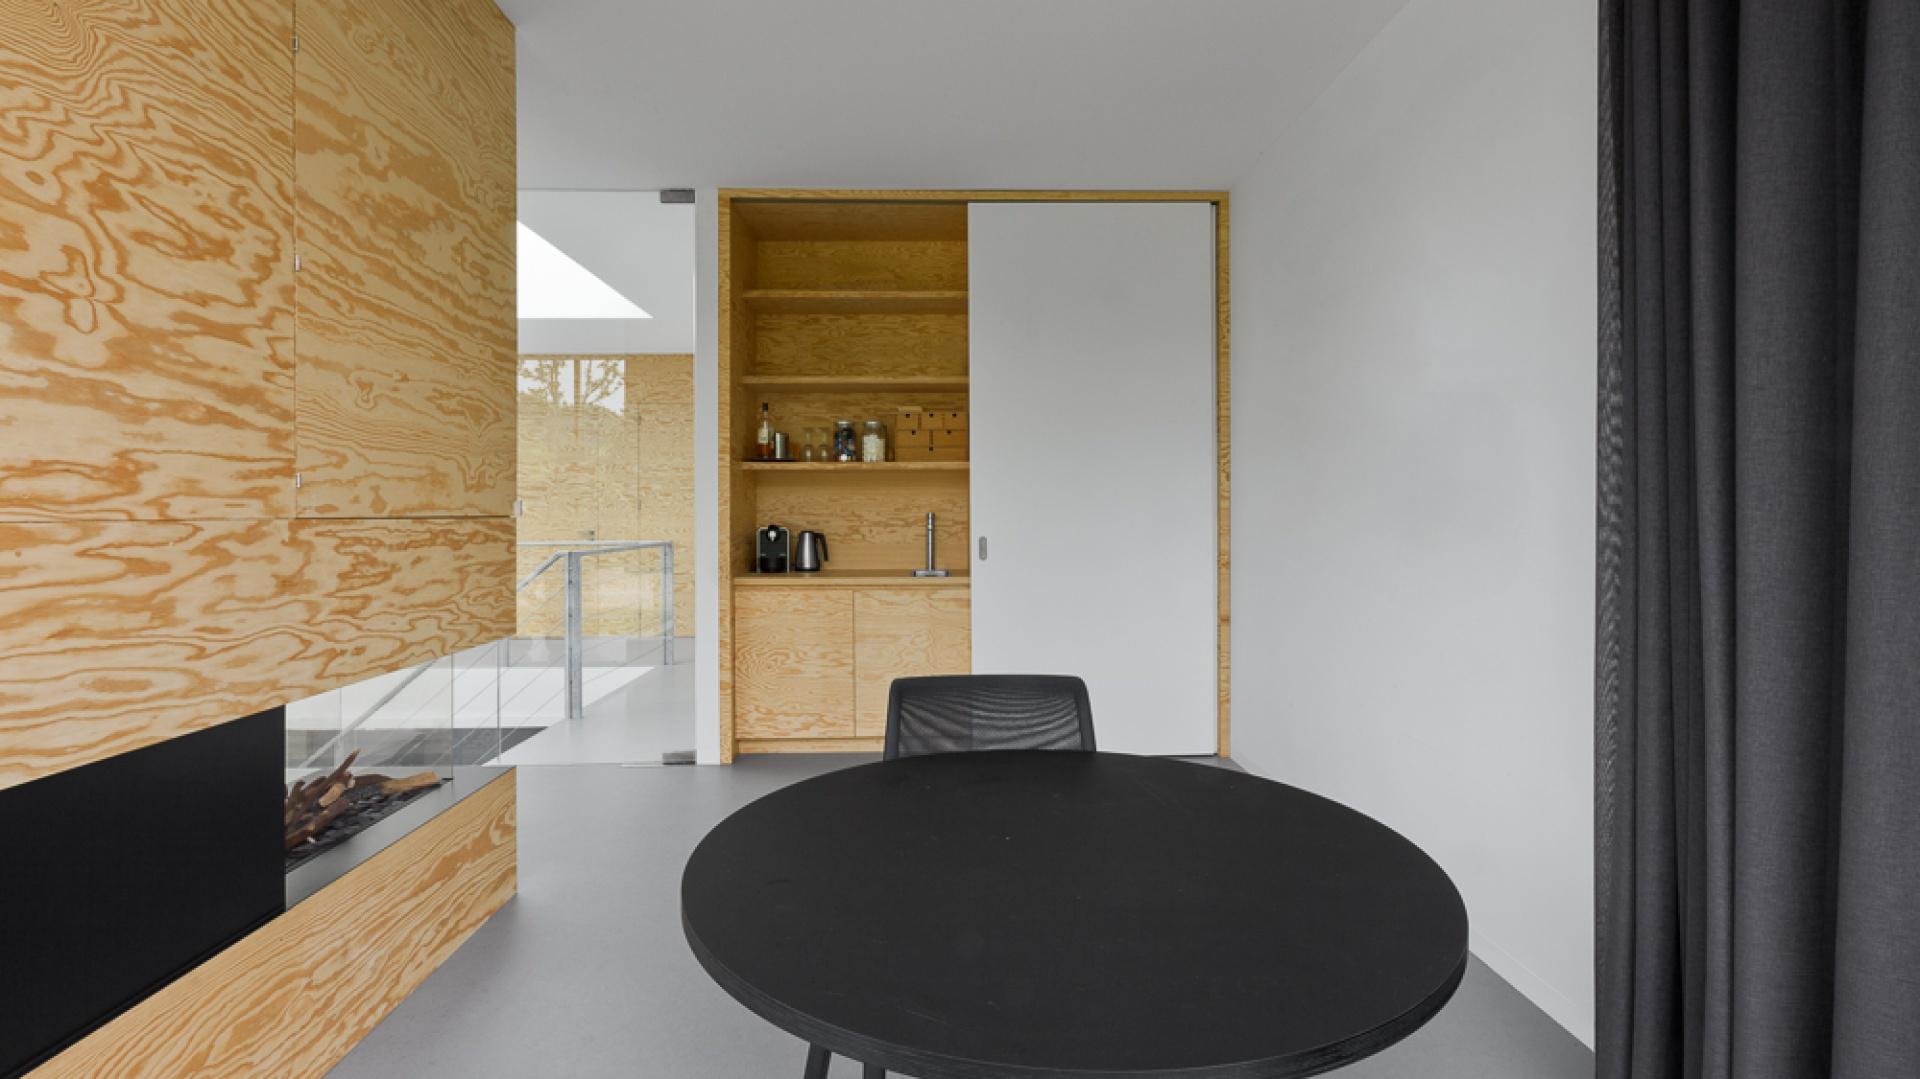 Funkcję ścianki działowej pomiędzy przestrzenią jadalni a salonu pełni kominek w efektownej obudowie z paneli z sosnowego drewna. W ścianie